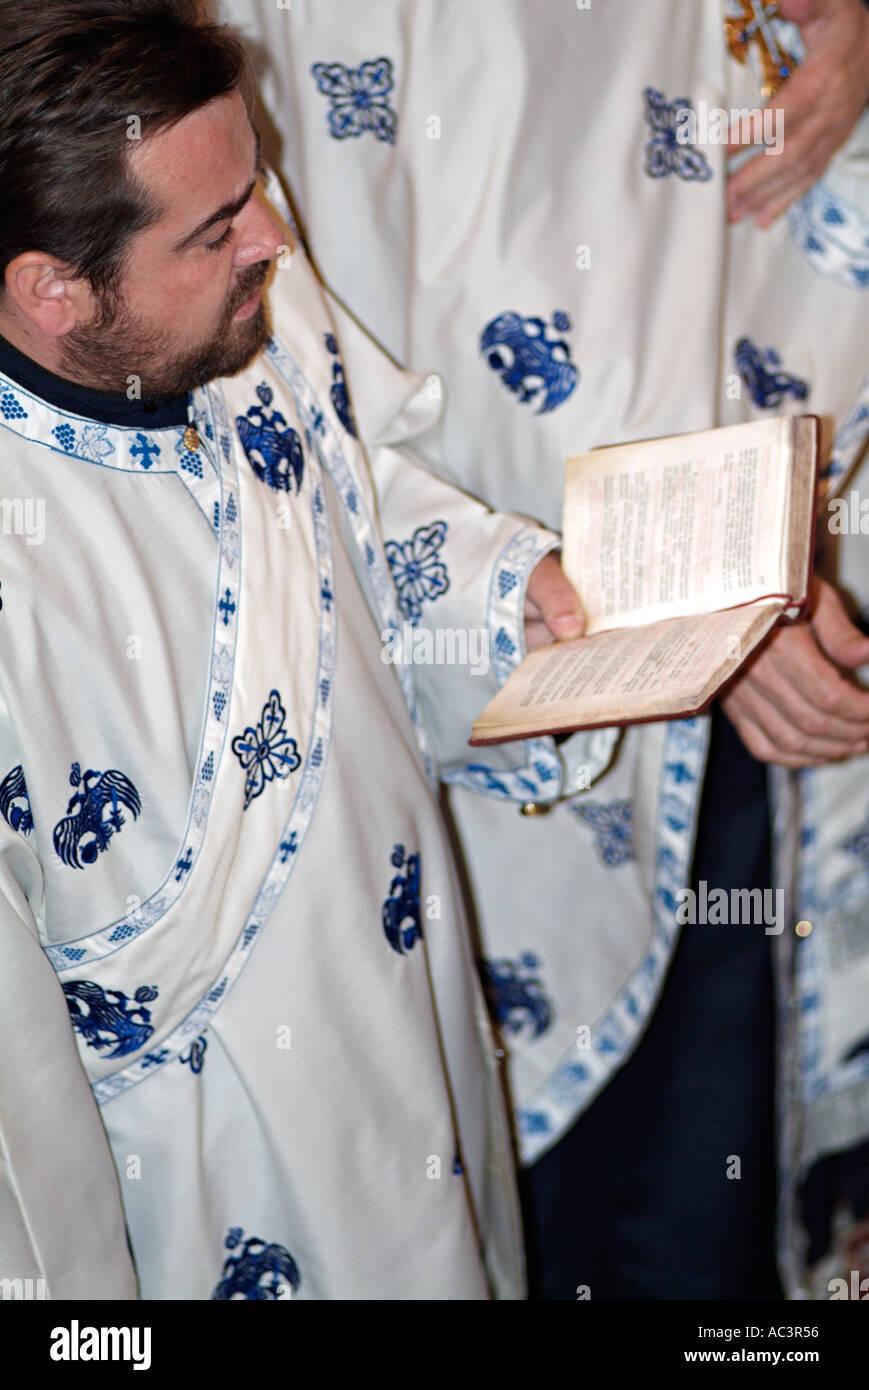 Prêtre orthodoxe, lecture de la Bible au cours d'un service Photo Stock